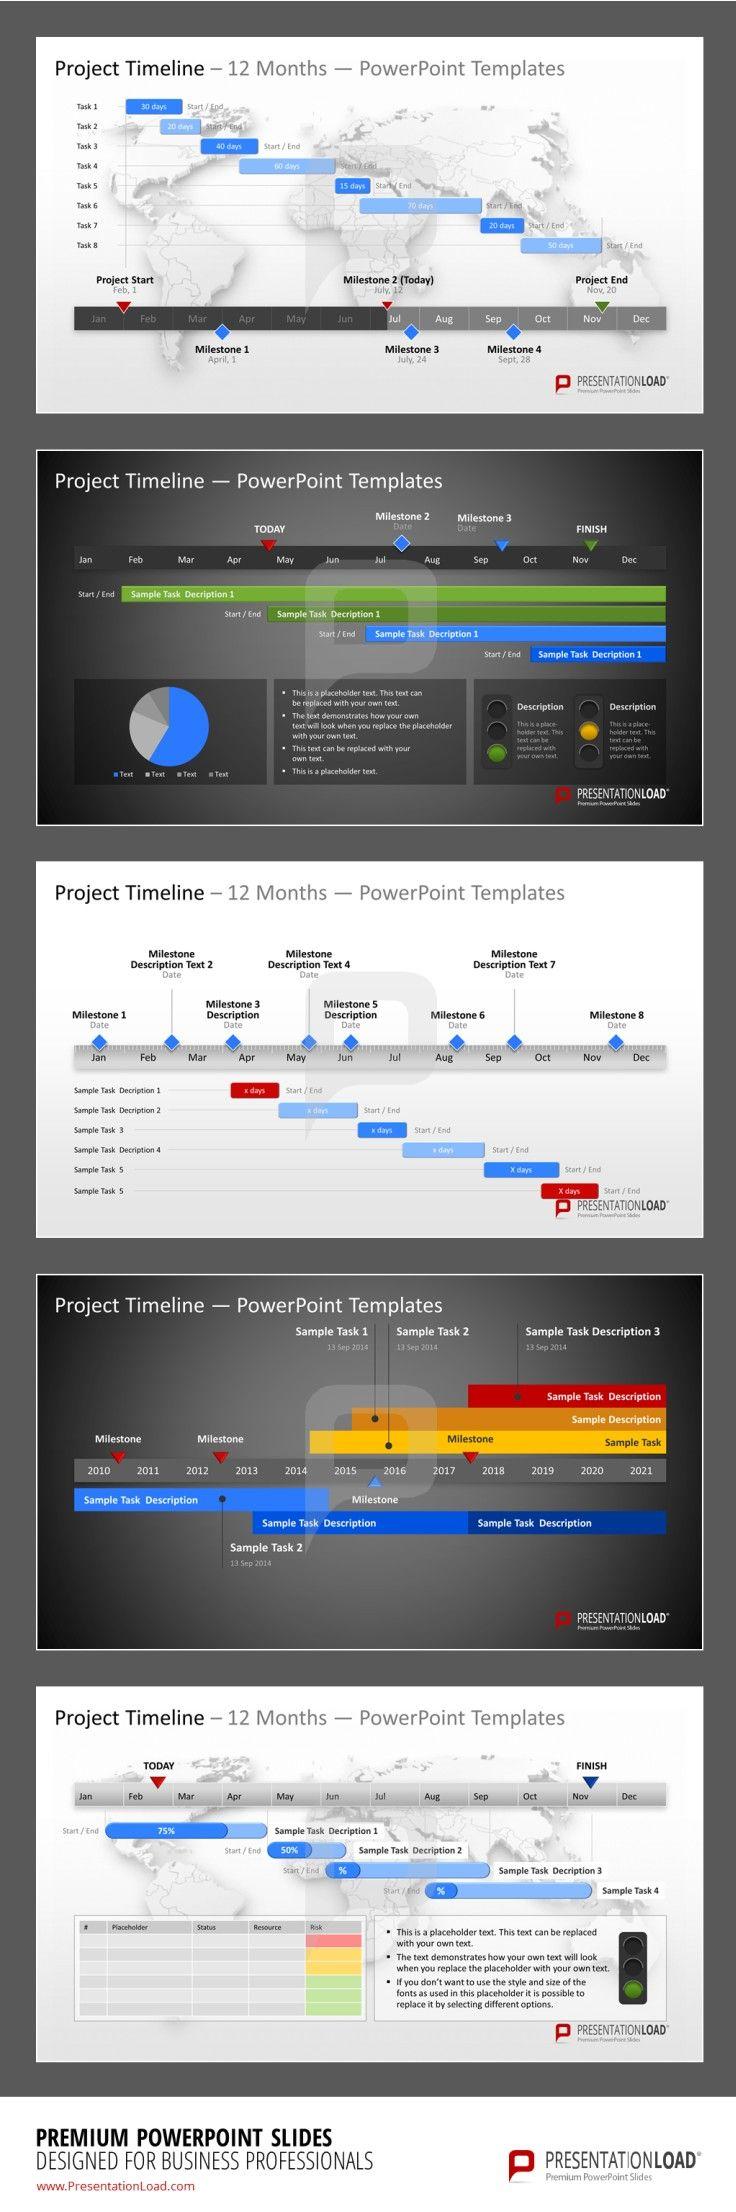 PowerPoint Zeitstrahl als Vorlage http://www.presentationload.de/powerpoint-charts-diagramme/timelines-gantt-charts/